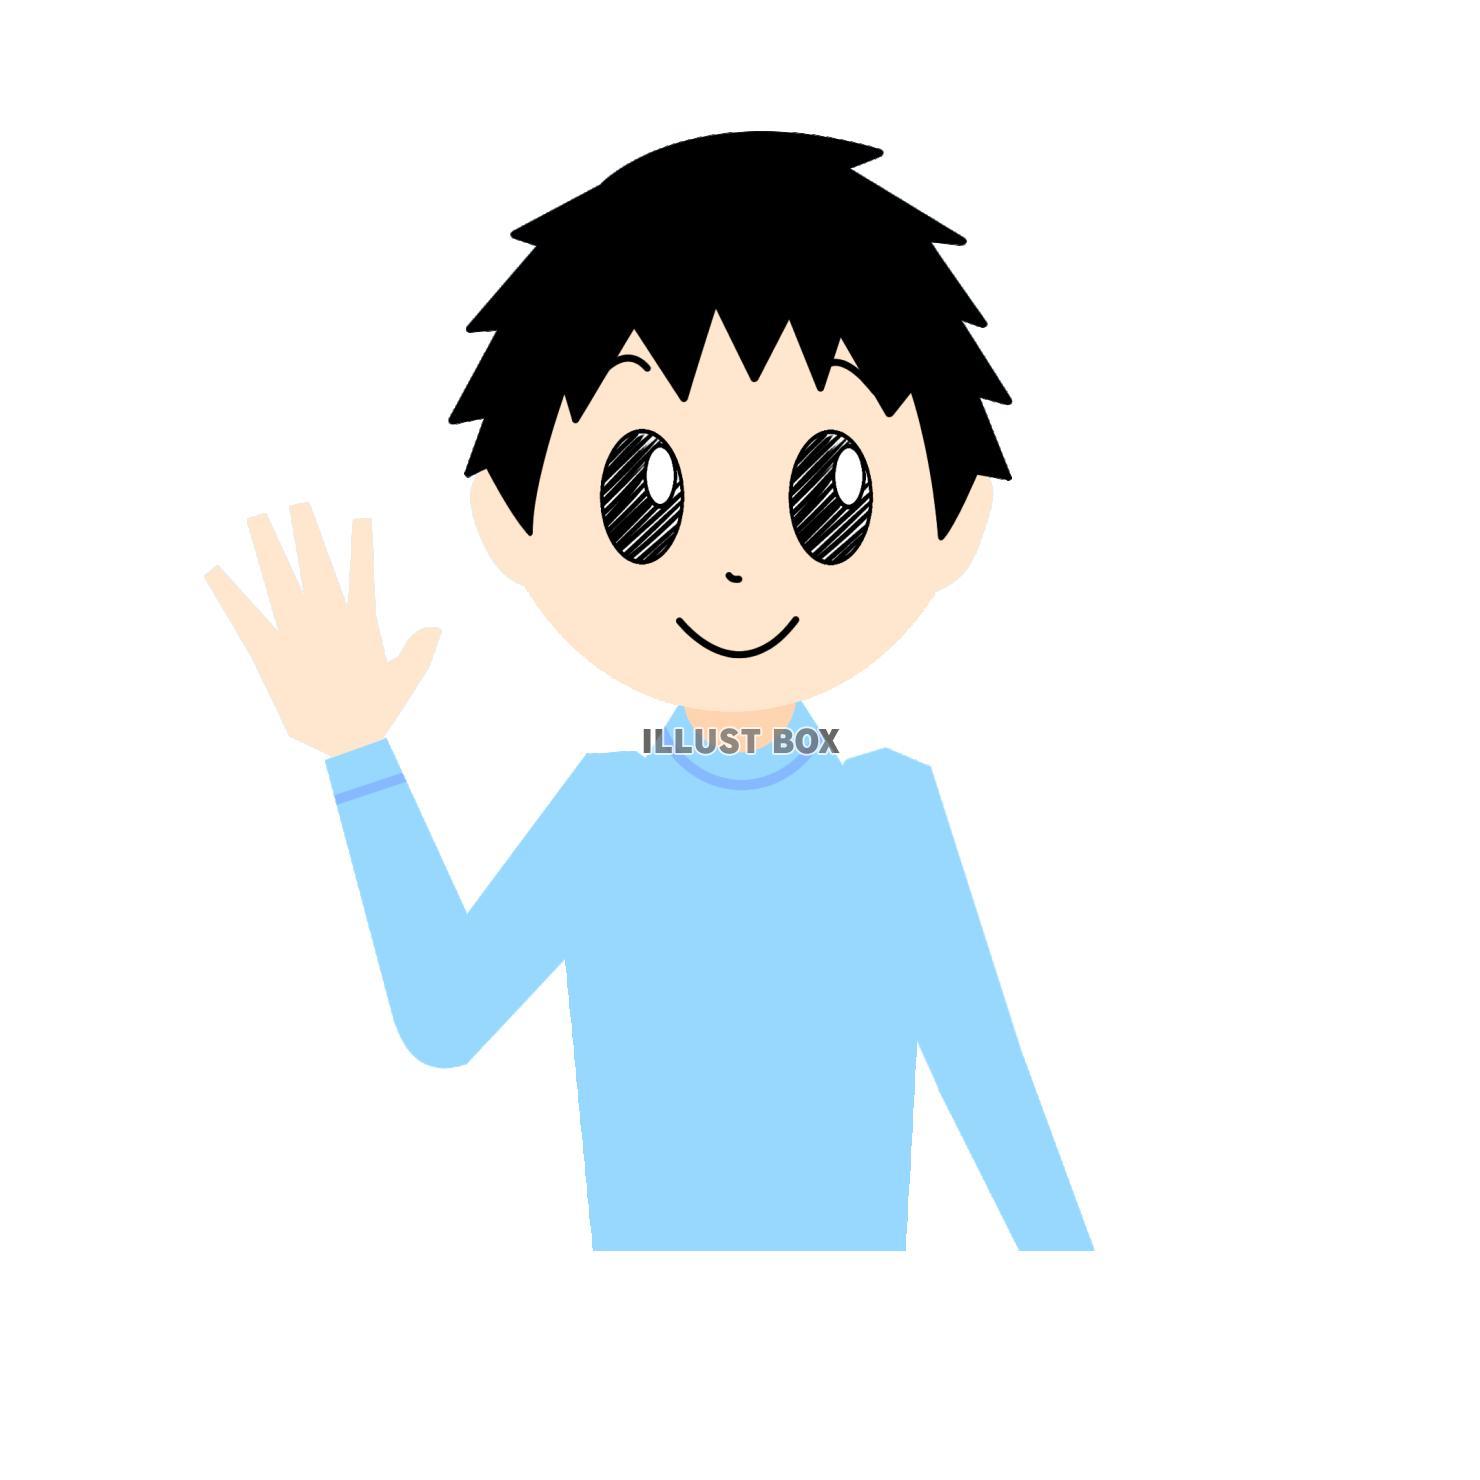 無料イラスト 笑顔で手を振る男性①